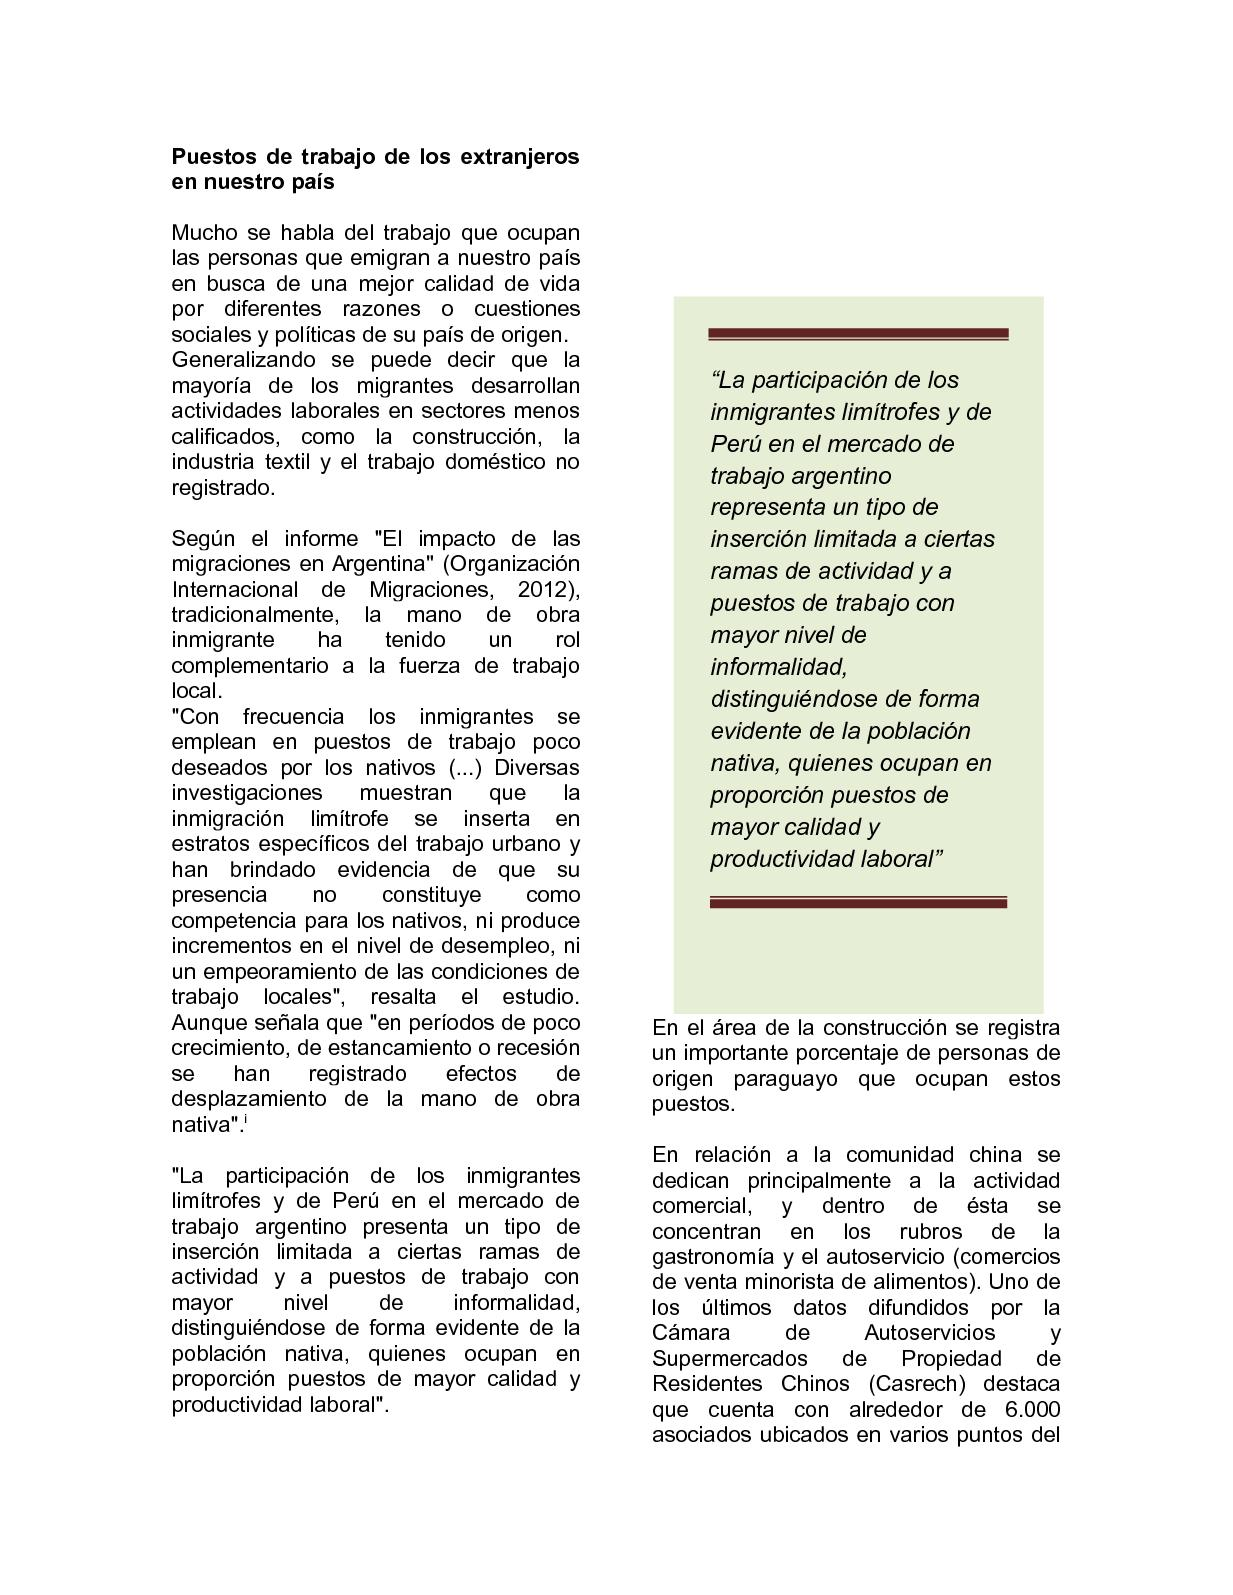 Moderno Trabajo De Venta Minorista Cresta - Colección De Plantillas ...